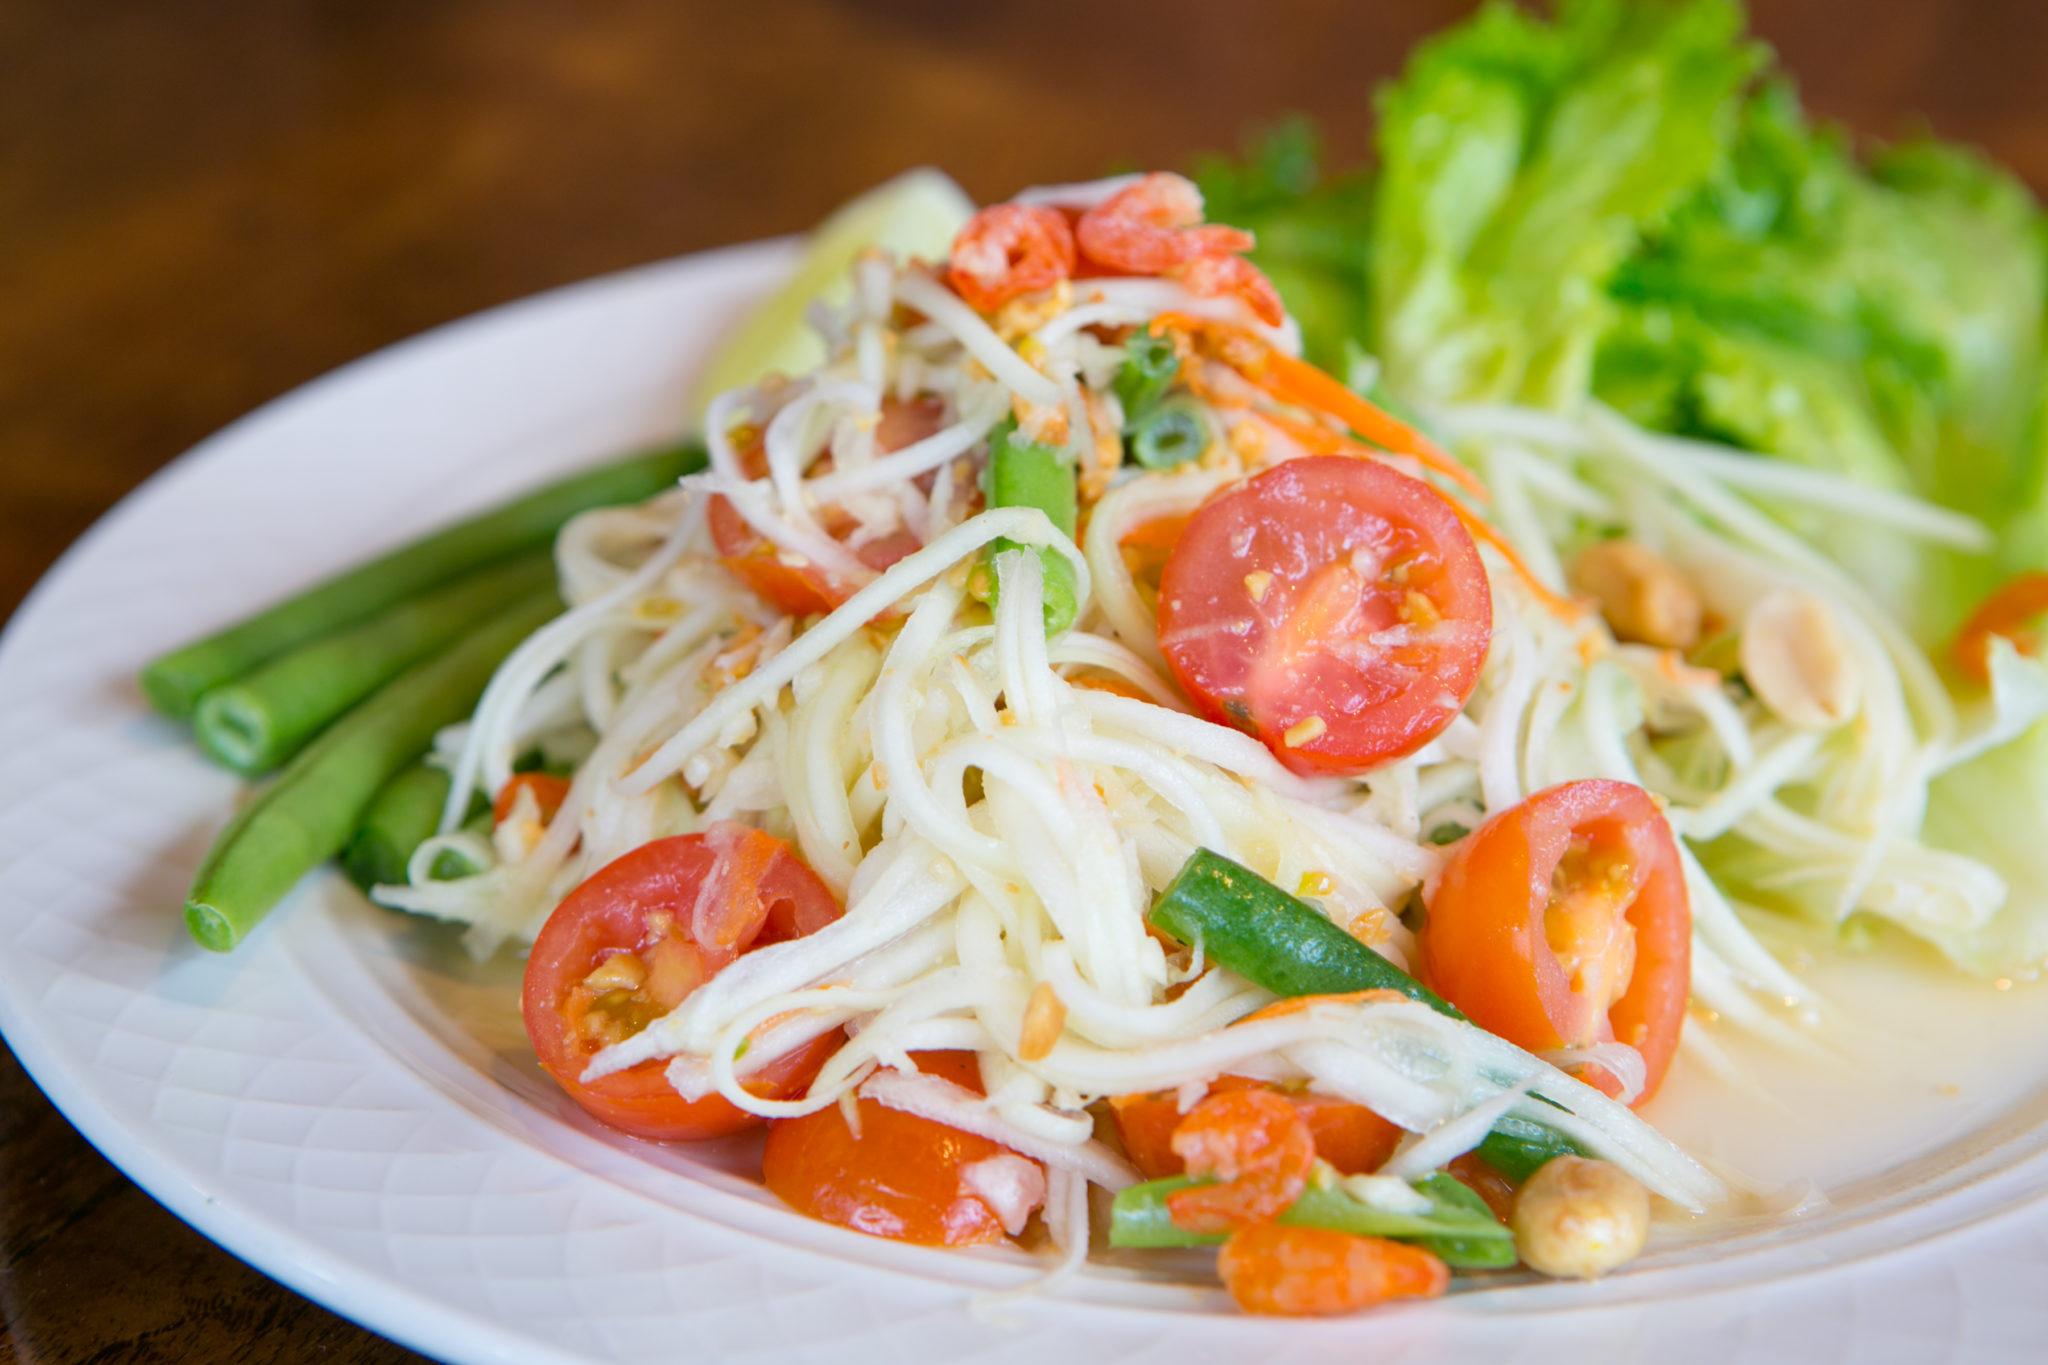 Staples of Thai street food